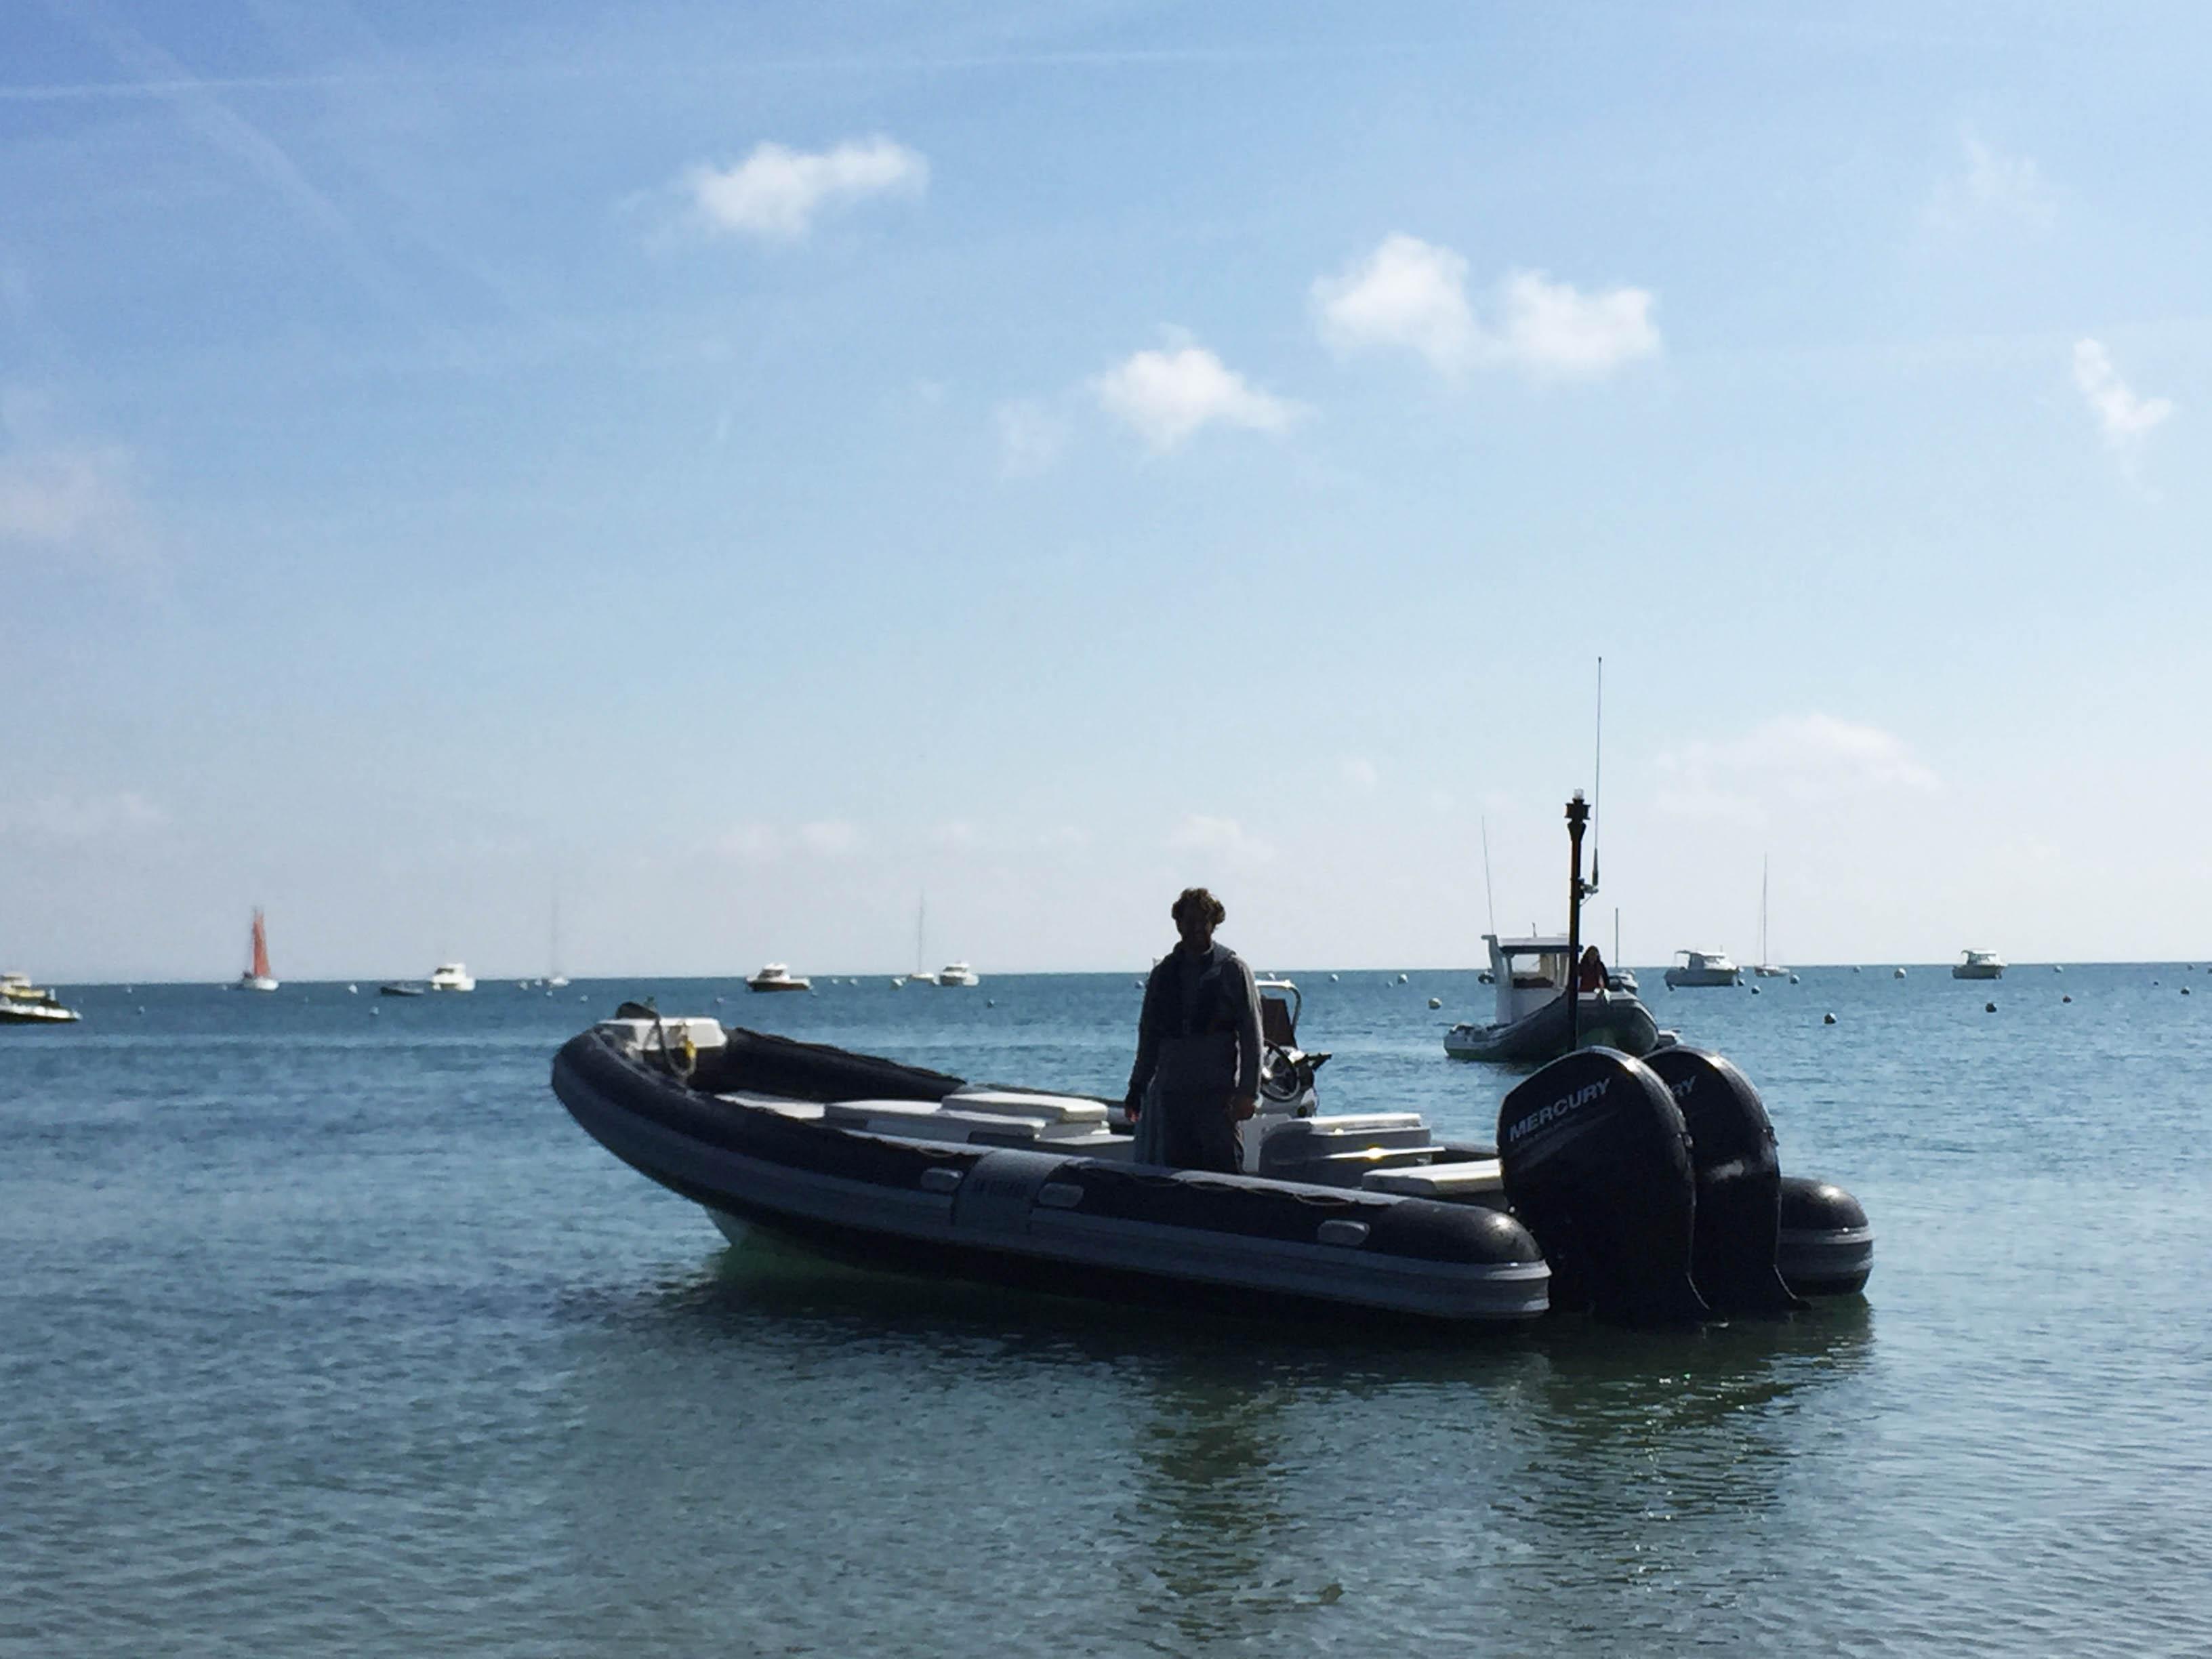 IMG 2329 - A la recherche des Dauphins en Bretagne avec Al-Lark